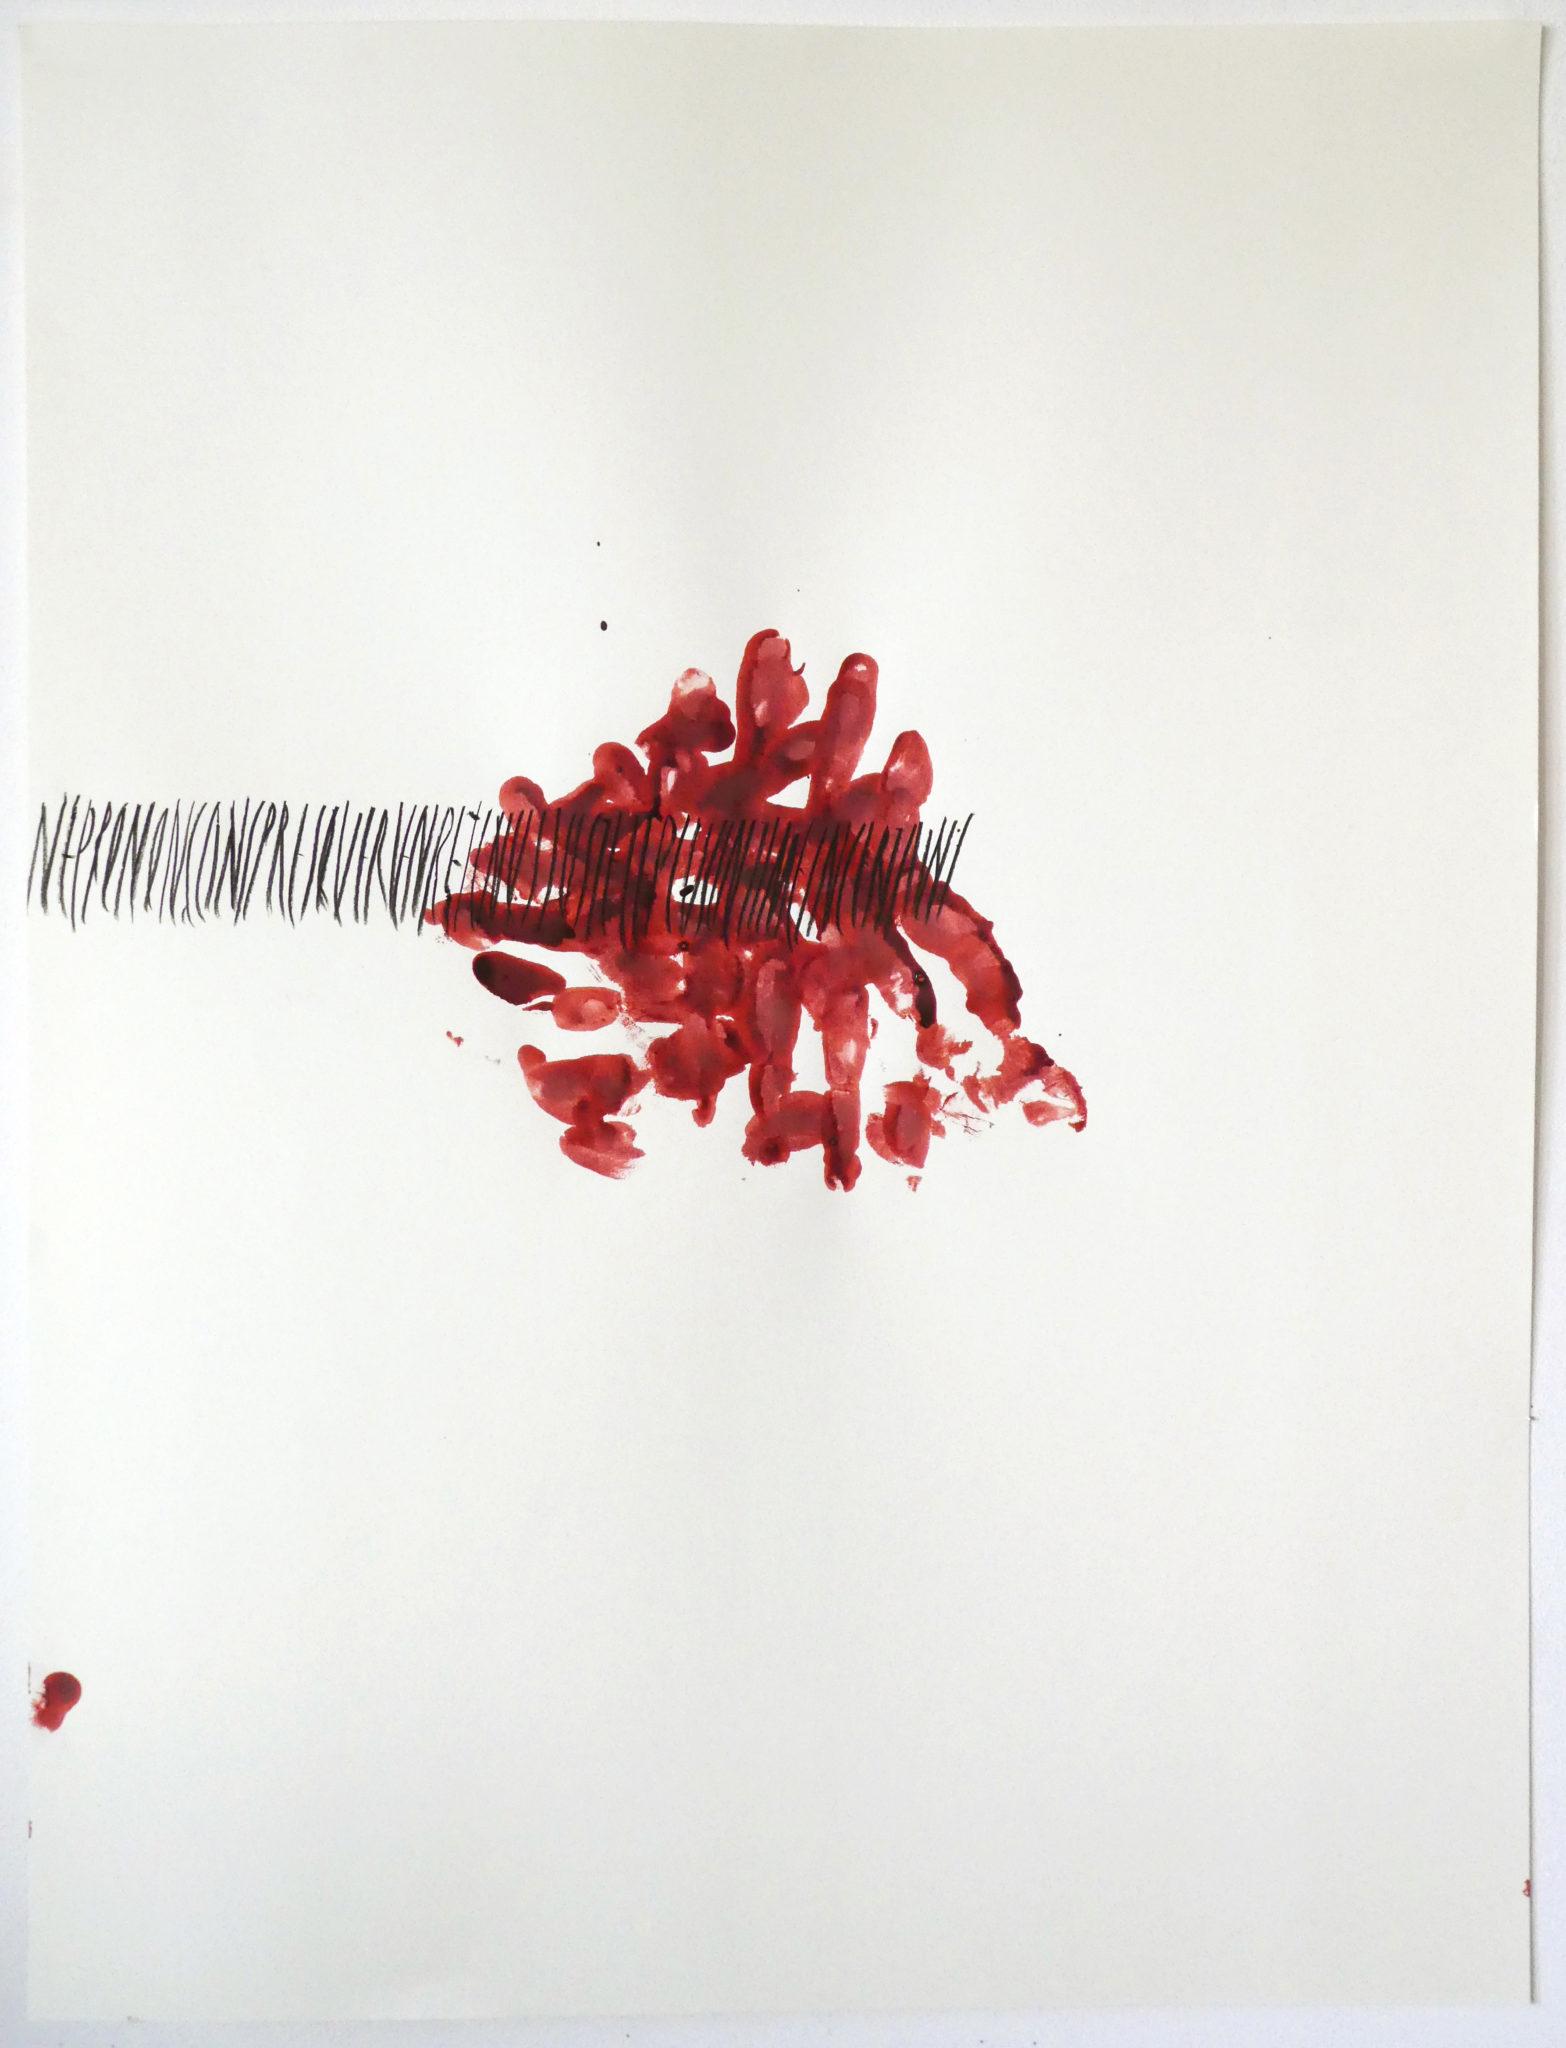 NE PRONONÇONS PRESQUE RIEN RETENUS JUSTE LE PLUS INTIME INCERTAINS, dessin, Emmanuel Aragon, 2021